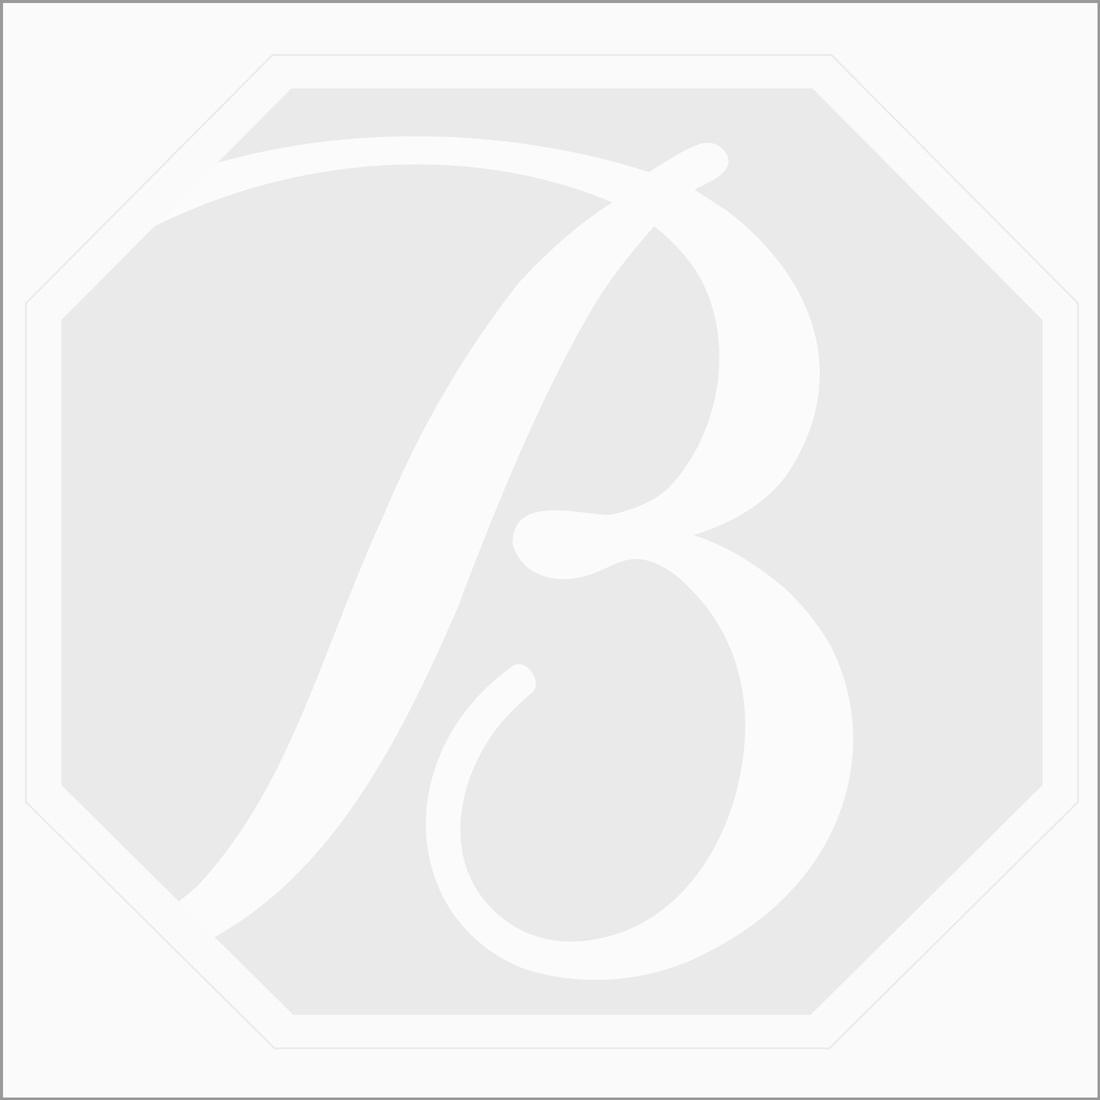 11 Pcs - 20.83 ct. - Green Tourmaline Rose Cut -8.5 x 6.7 x 1.9 mm to 12.4 x 8.7 x 2.4 mm (TRC1082)